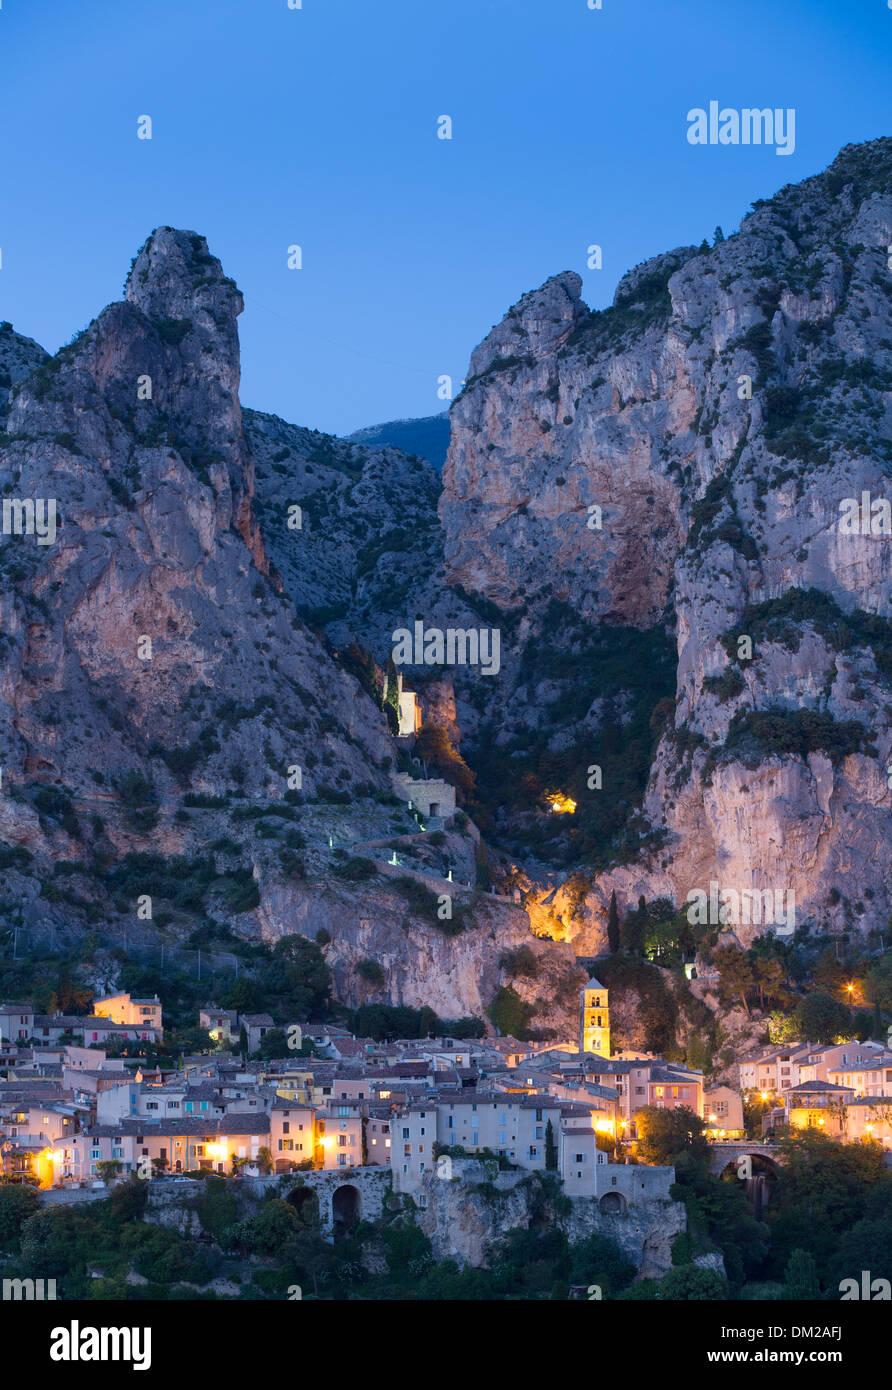 Moustiers-Sainte-Marie al crepuscolo, Alpes-de-Haute-Provence, Francia Immagini Stock